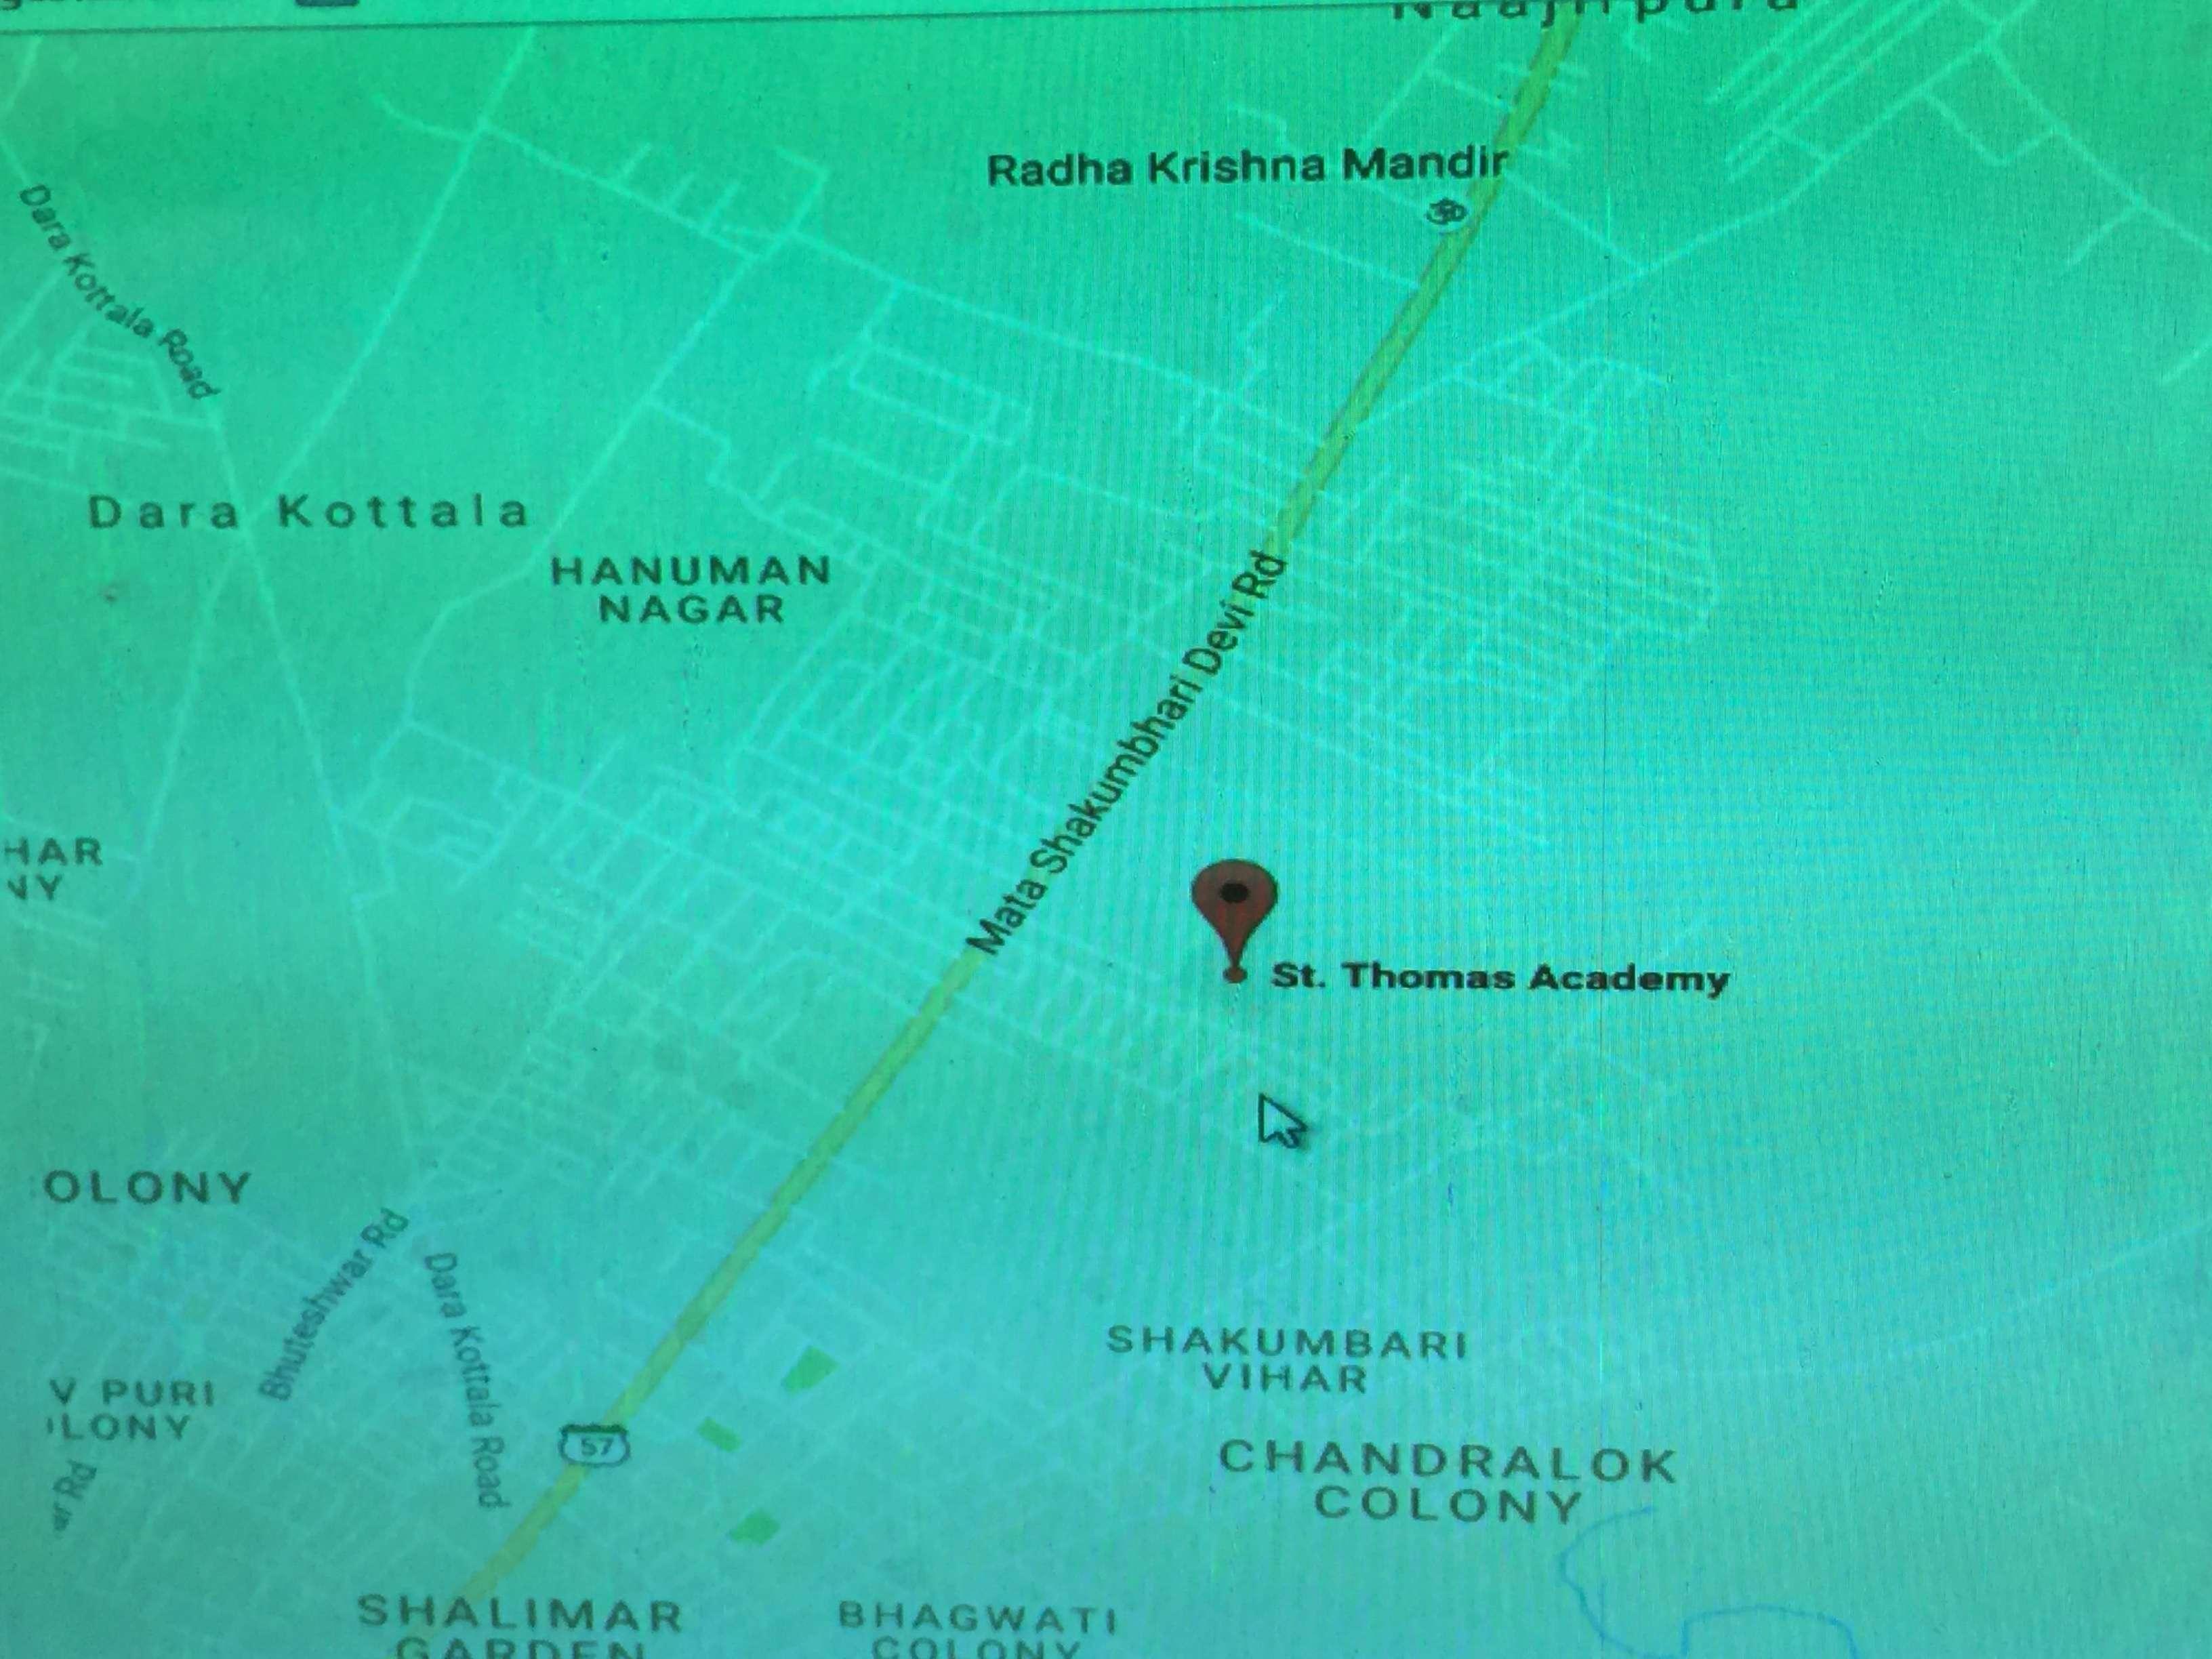 ST THOMAS ACADEMY BEHAT ROAD SAHARANPUR UTTAR PRADESH 2130567